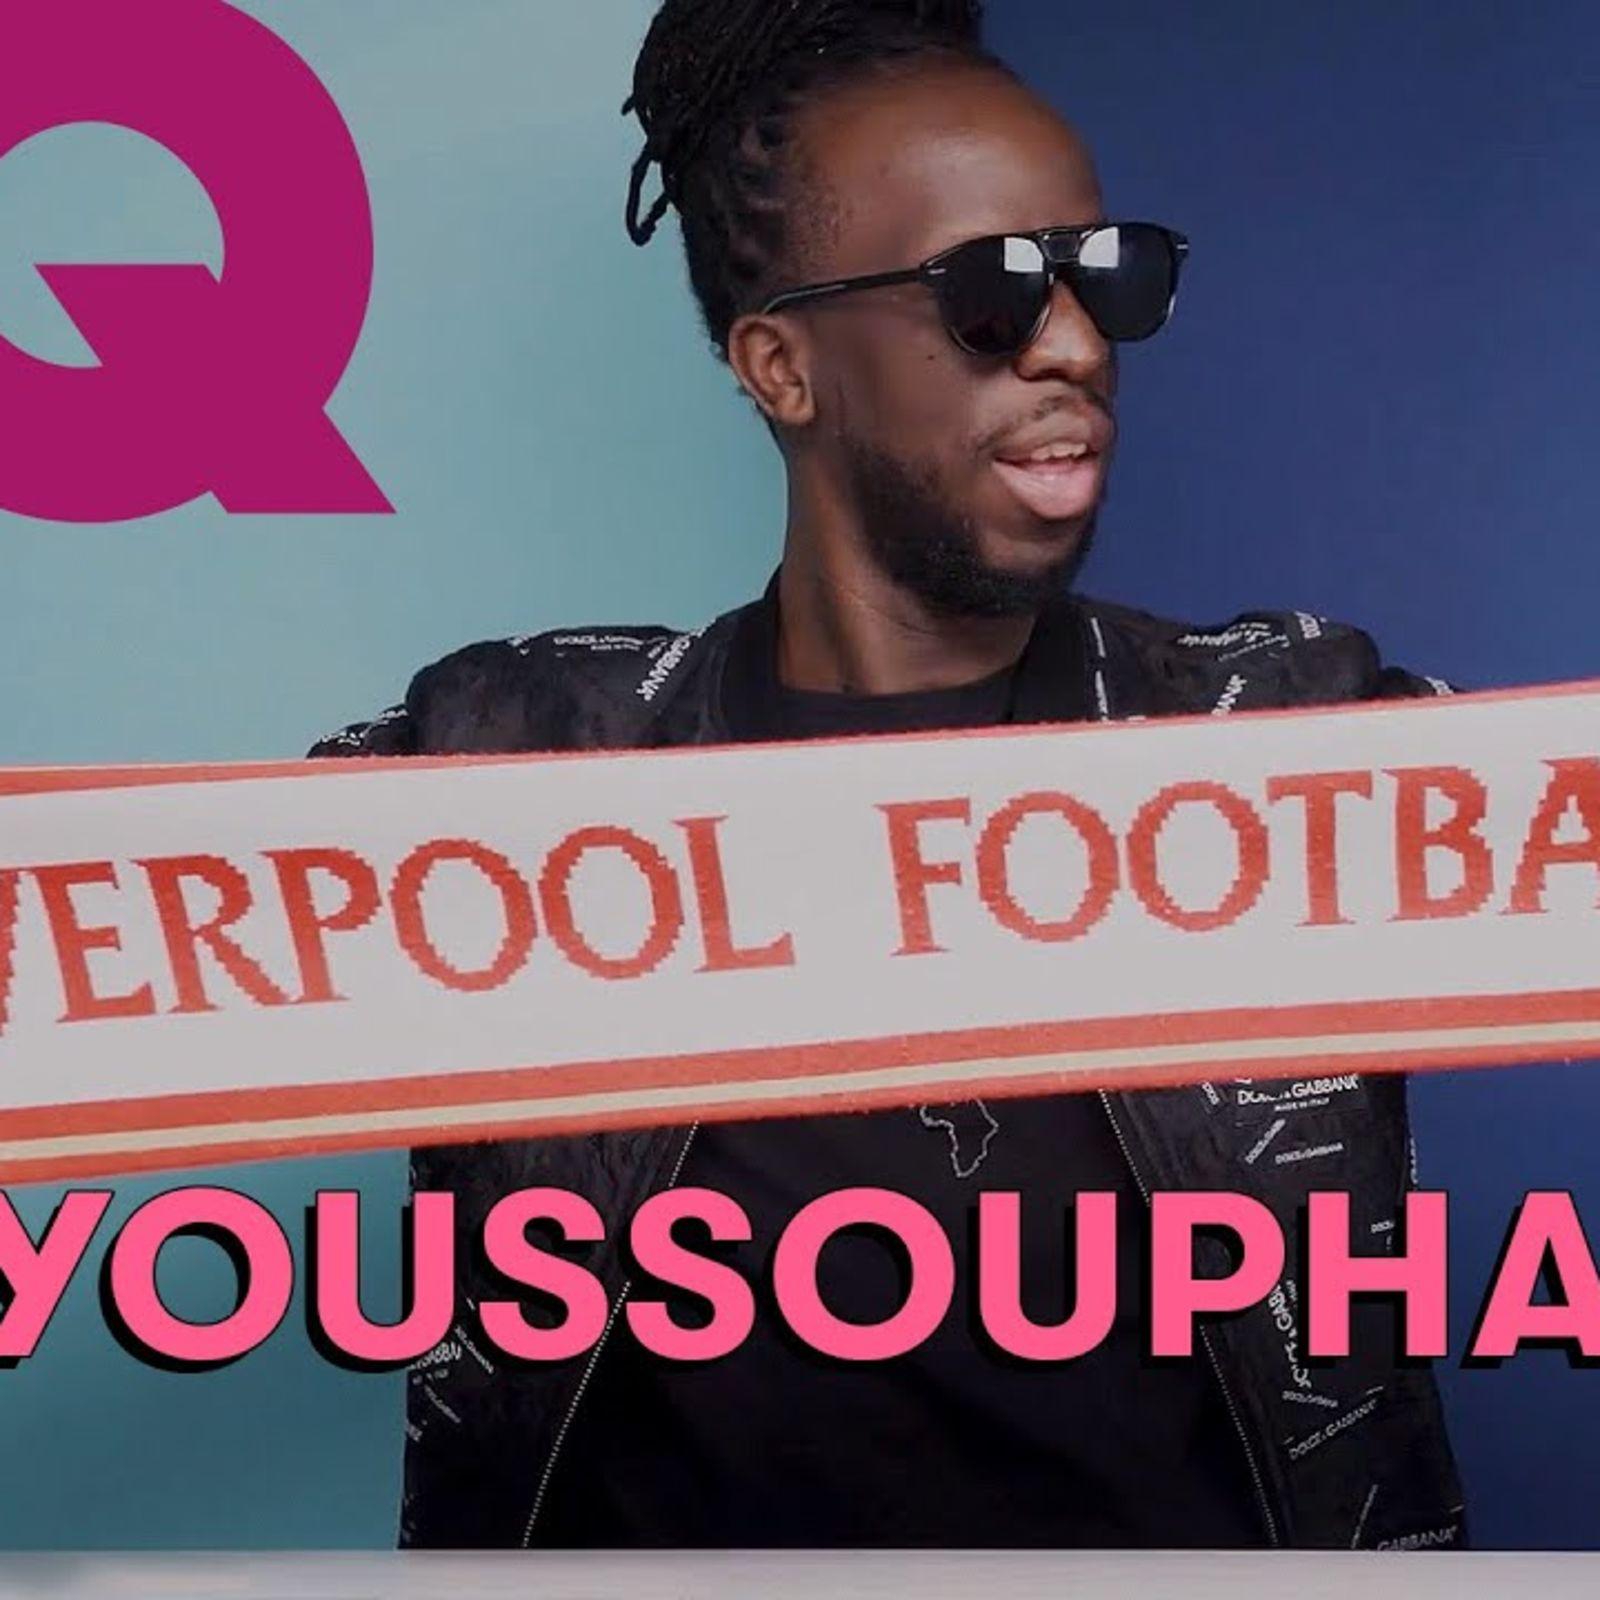 Les 10 Essentiels de Youssoupha (Jordan 6, Liverpool et cigares)